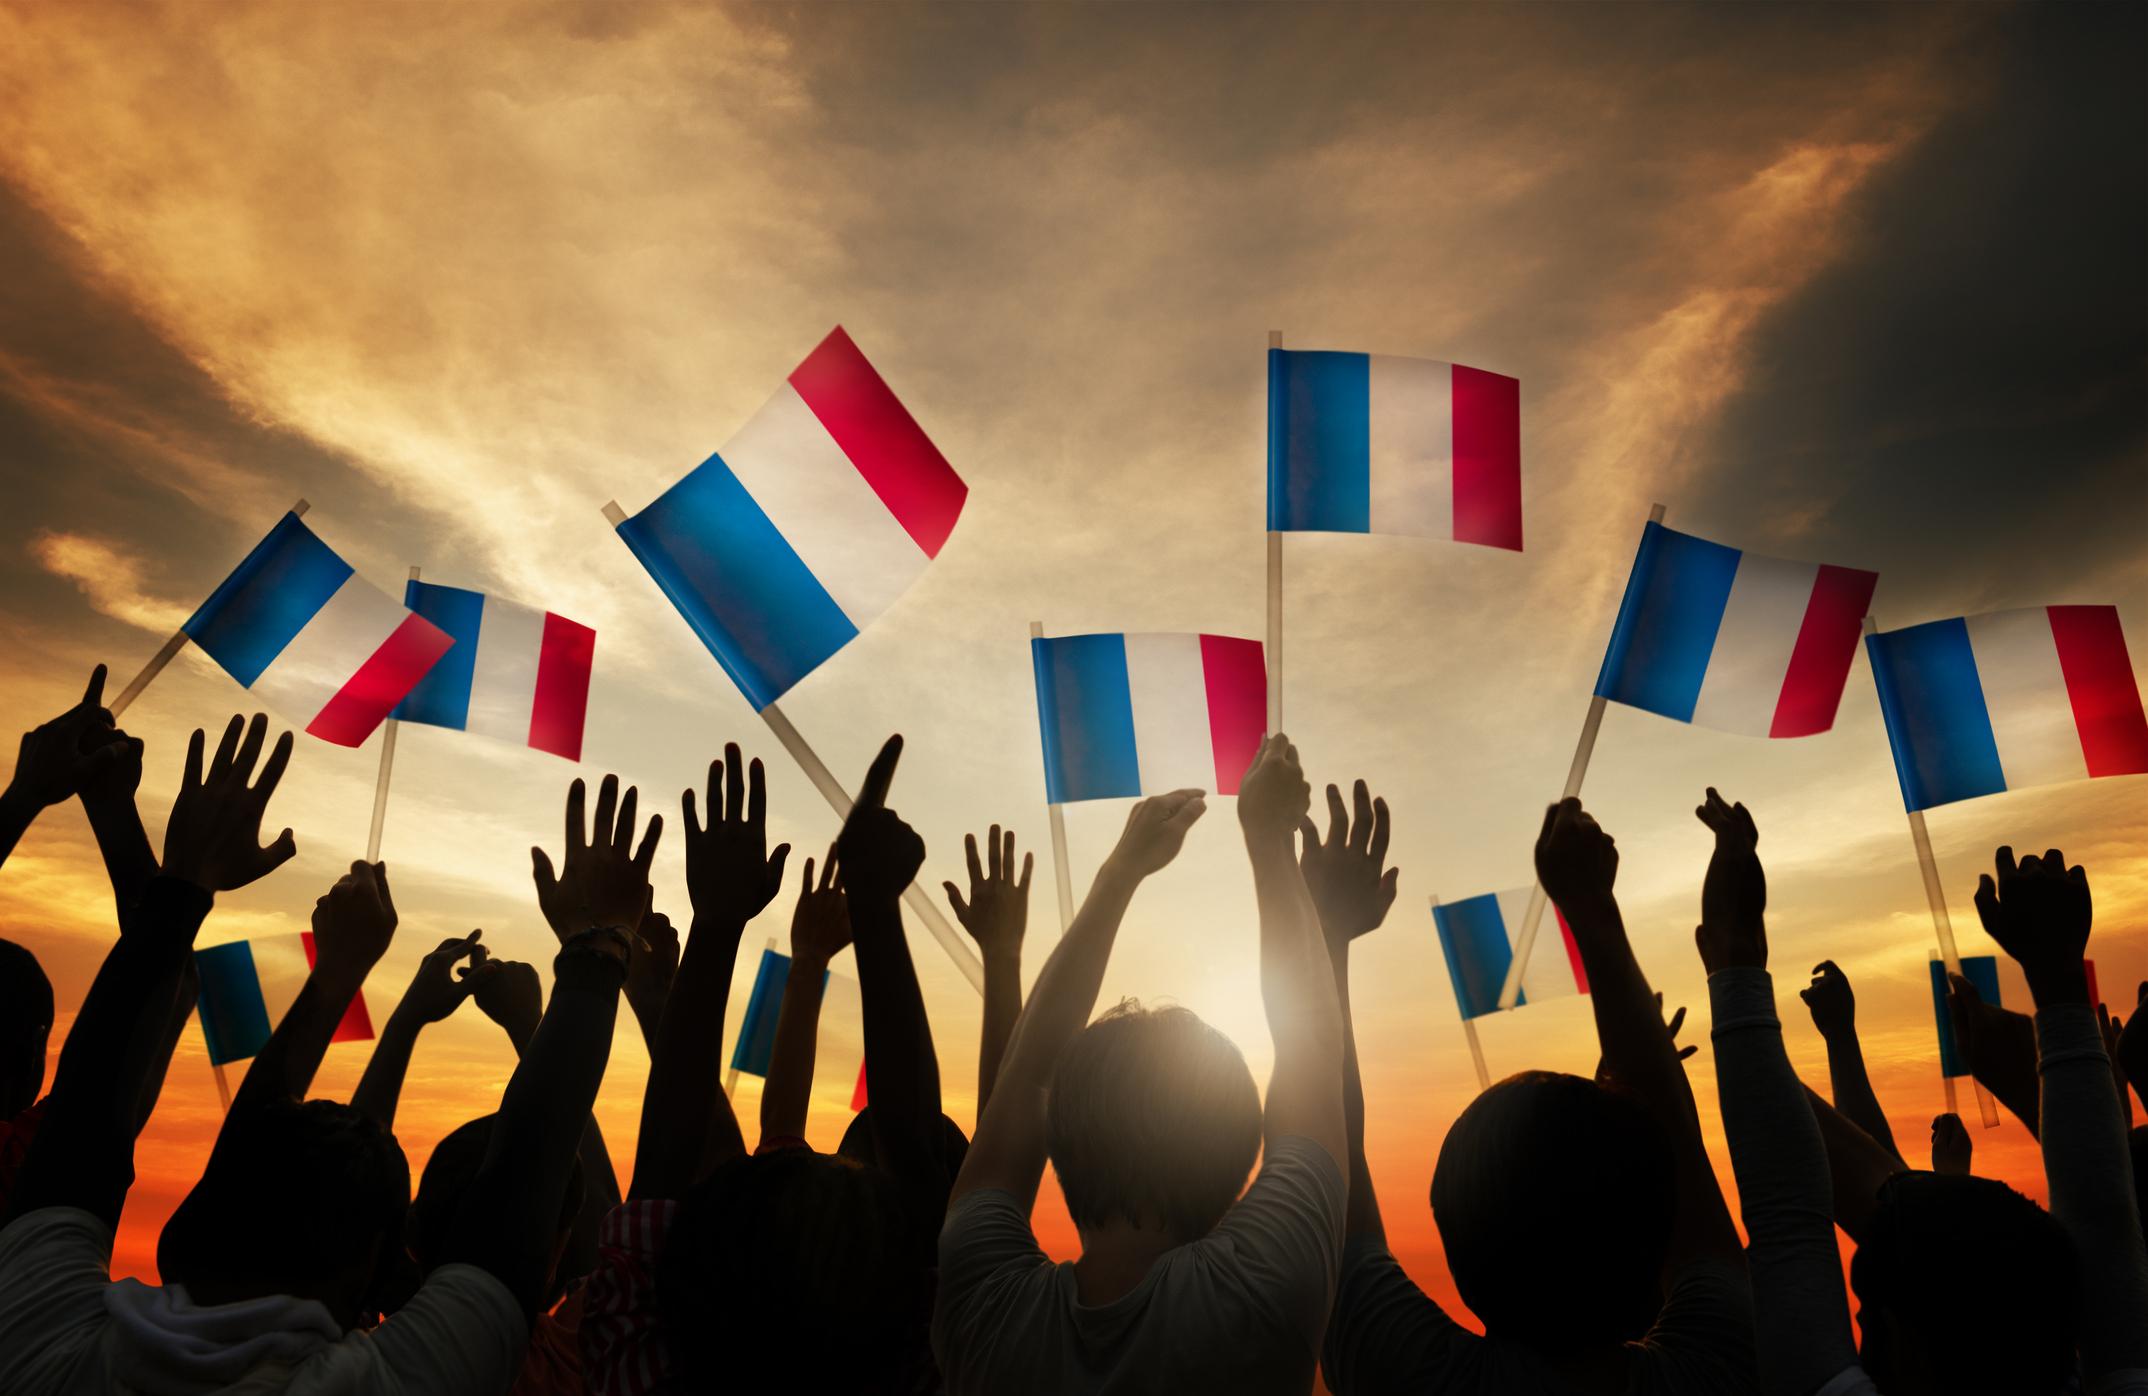 personnes tenant drapeaux